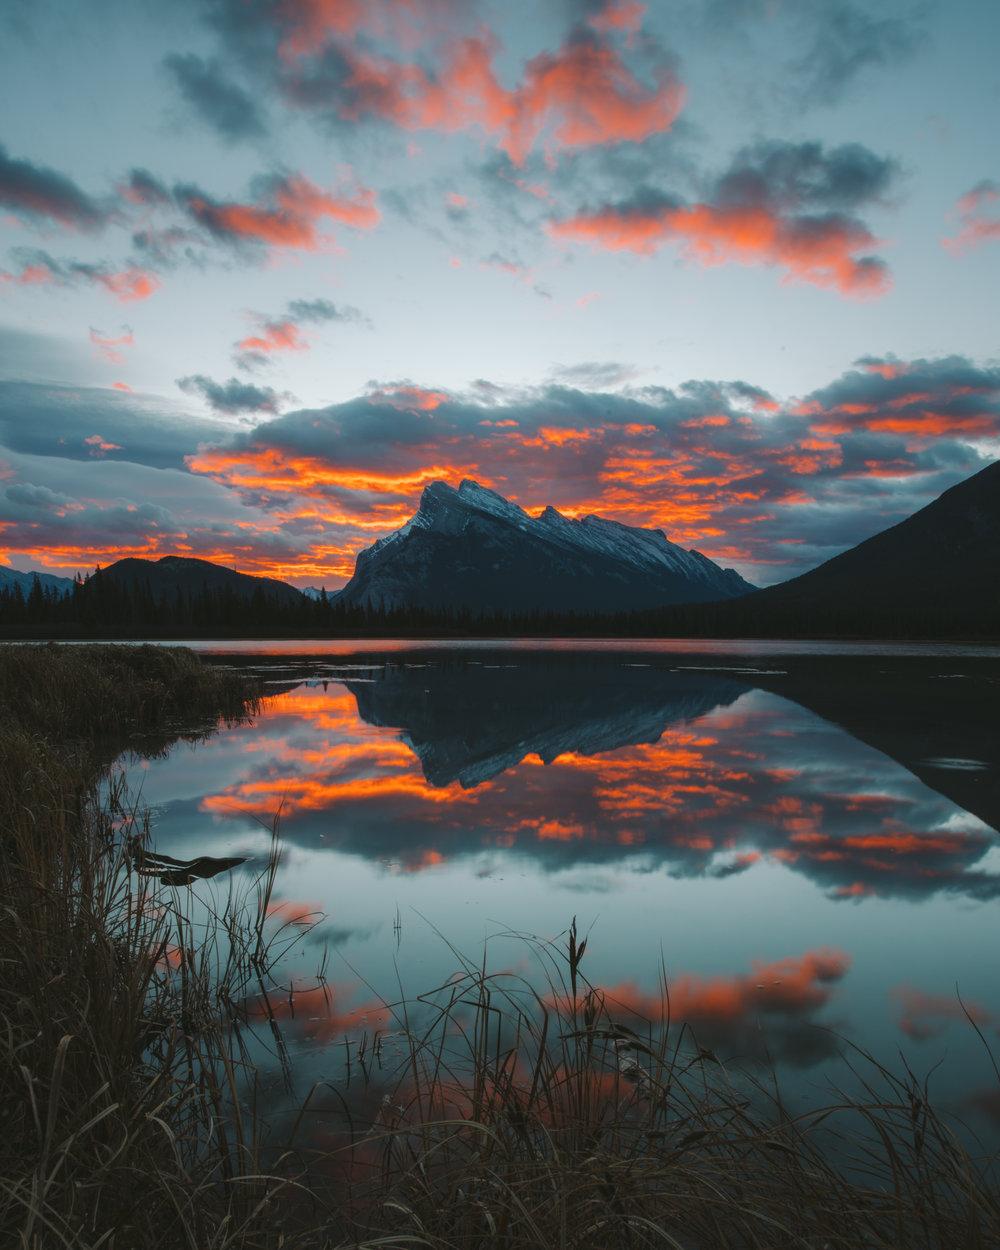 2016_11_10 Canadian Rockies-808-2.jpg